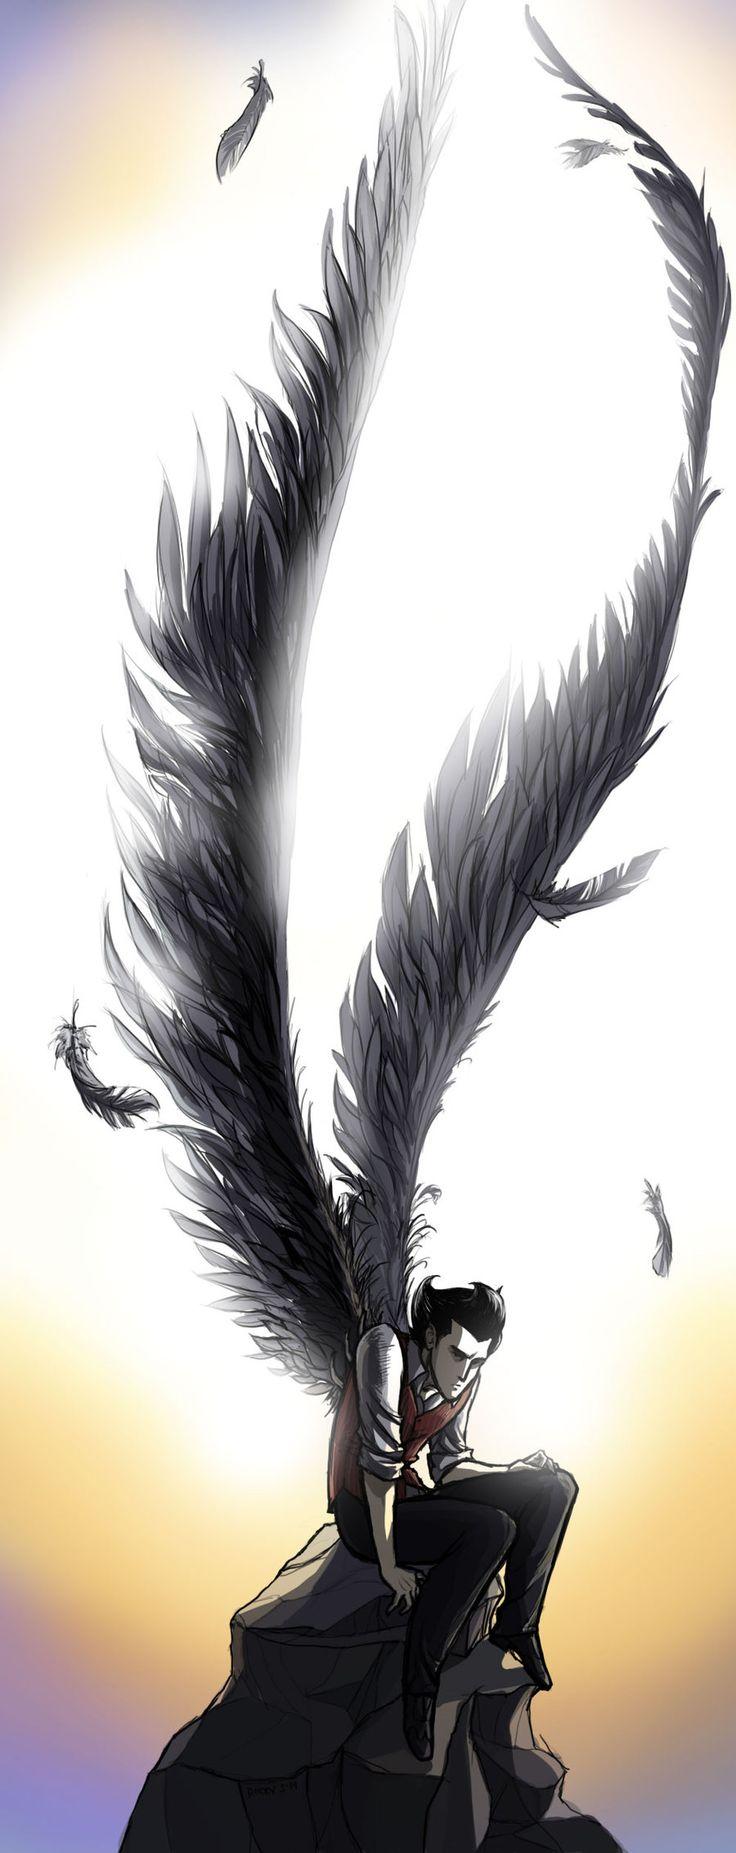 Don't Starve - Blood Eagles Fan Art by Ecfor on DeviantArt